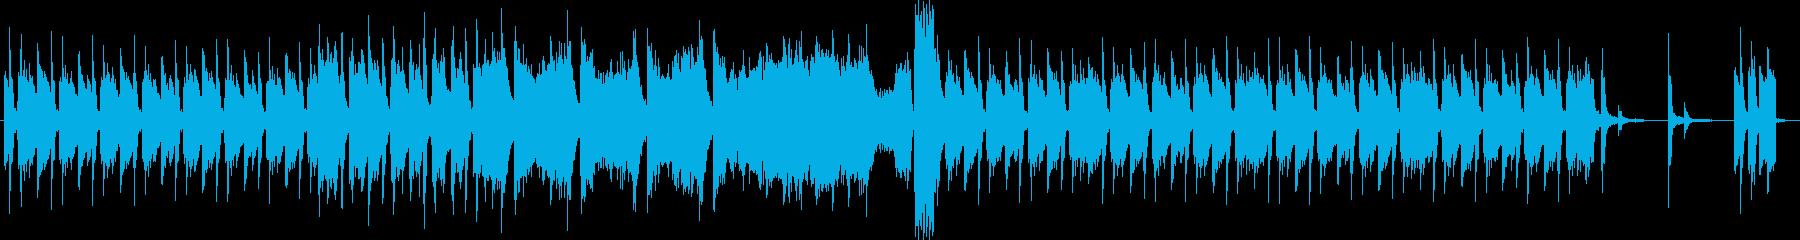 緊張感のあるジャジーな無機質ピアノBGMの再生済みの波形